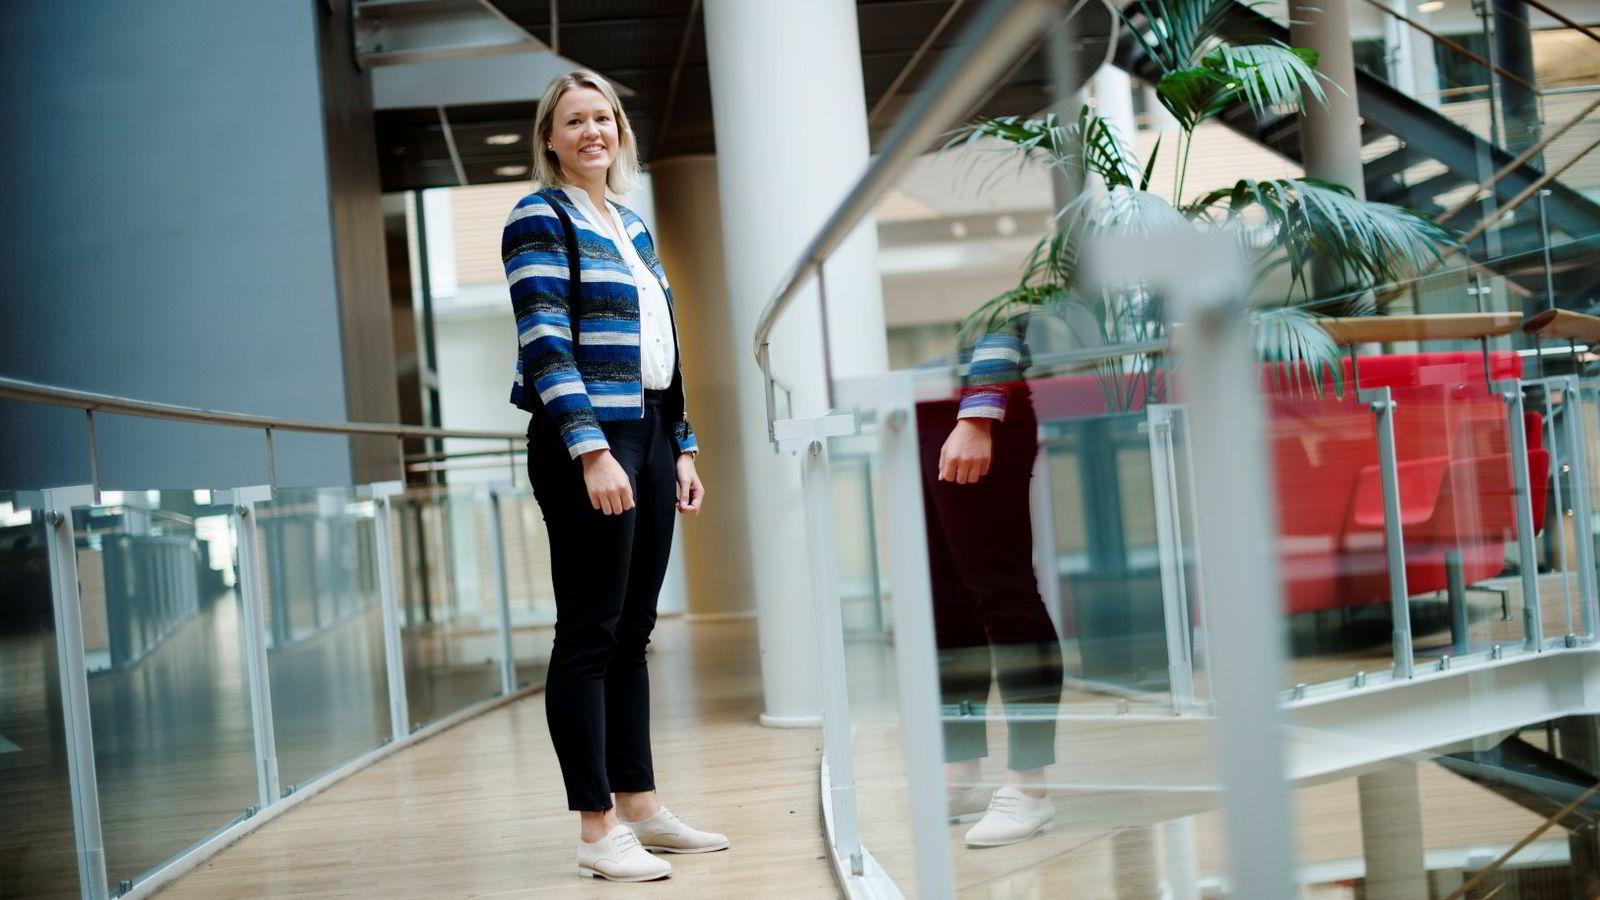 TRAFF BLINK: - Jeg trives veldig godt, sier Thea Marie Nygård om jobben hun fikk ett år før hun var ferdig med utdannelsen.